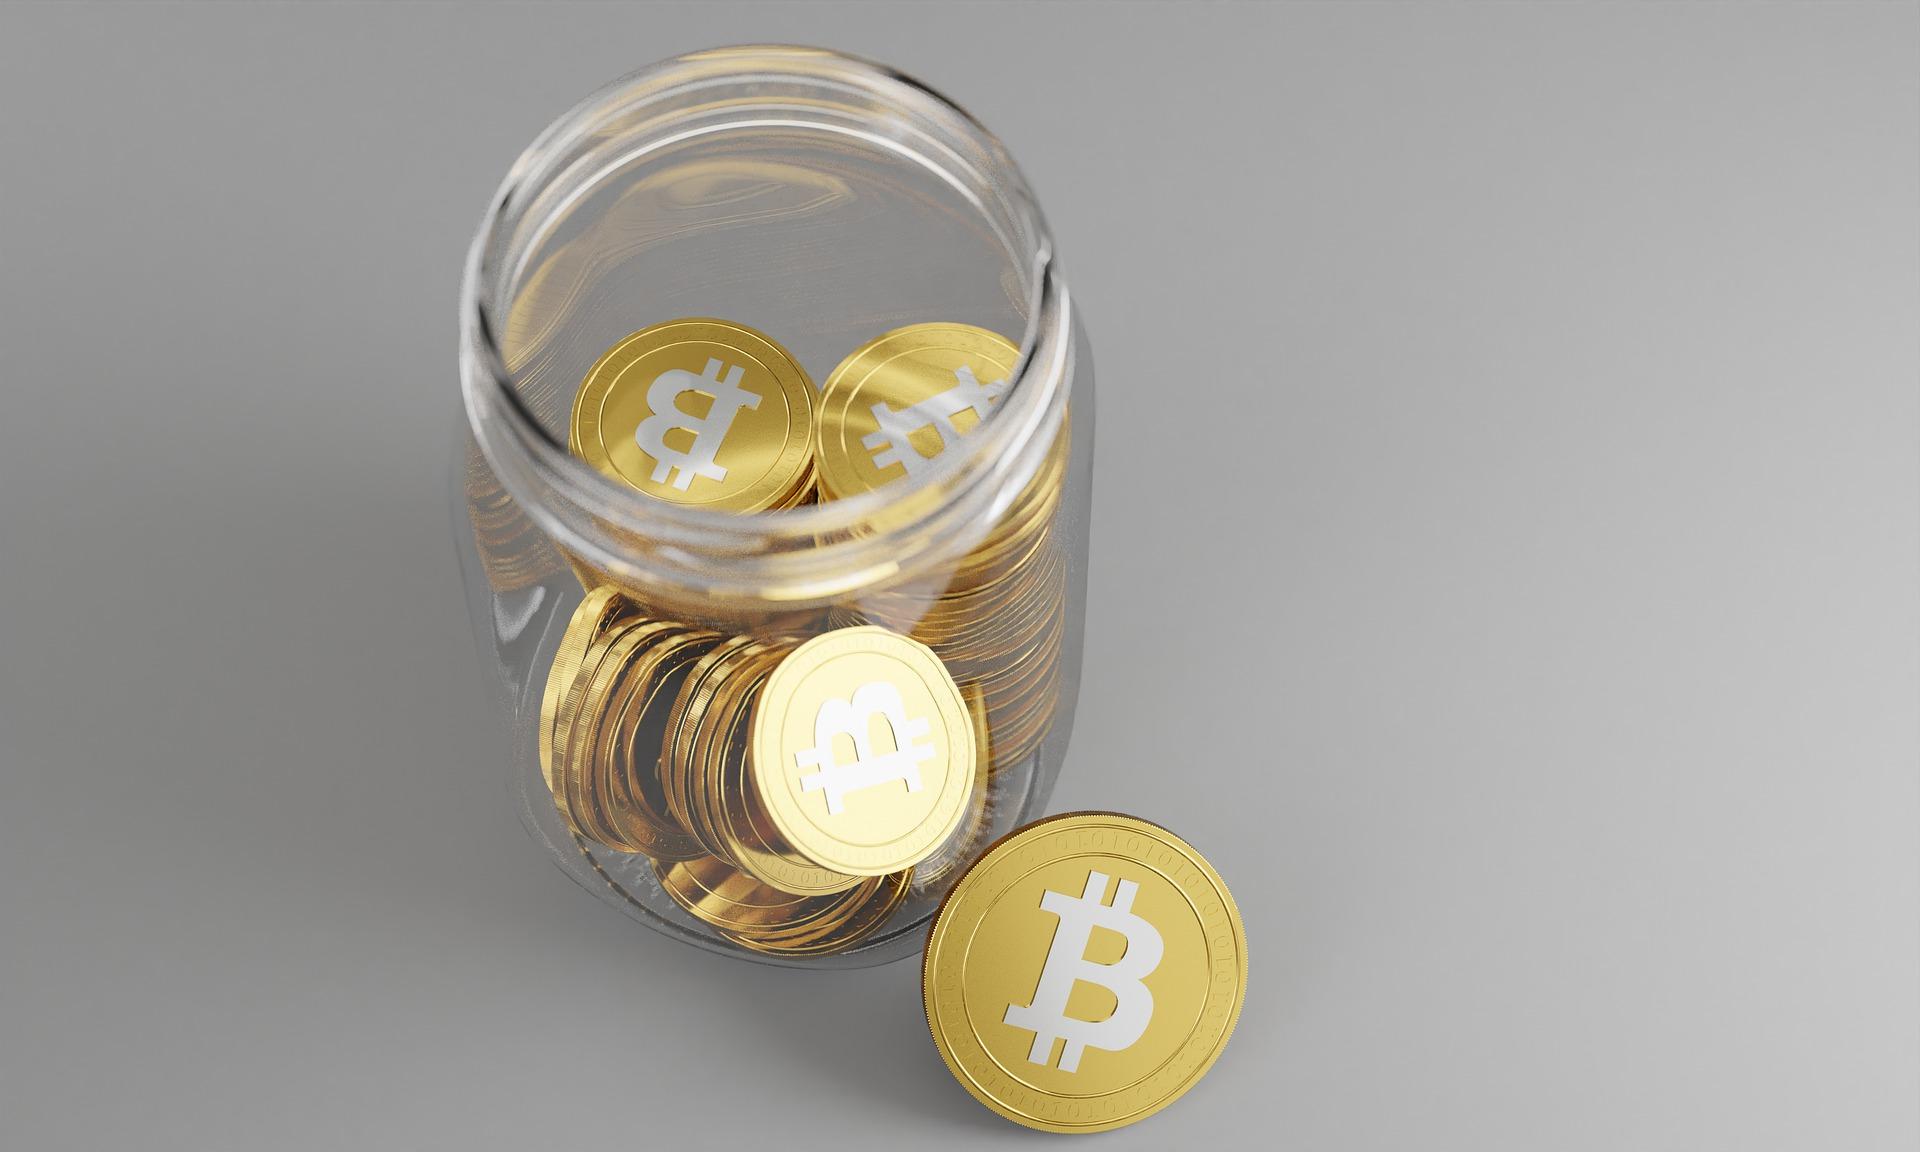 Почему Кэти Вуд инвестирует в Coinbase?